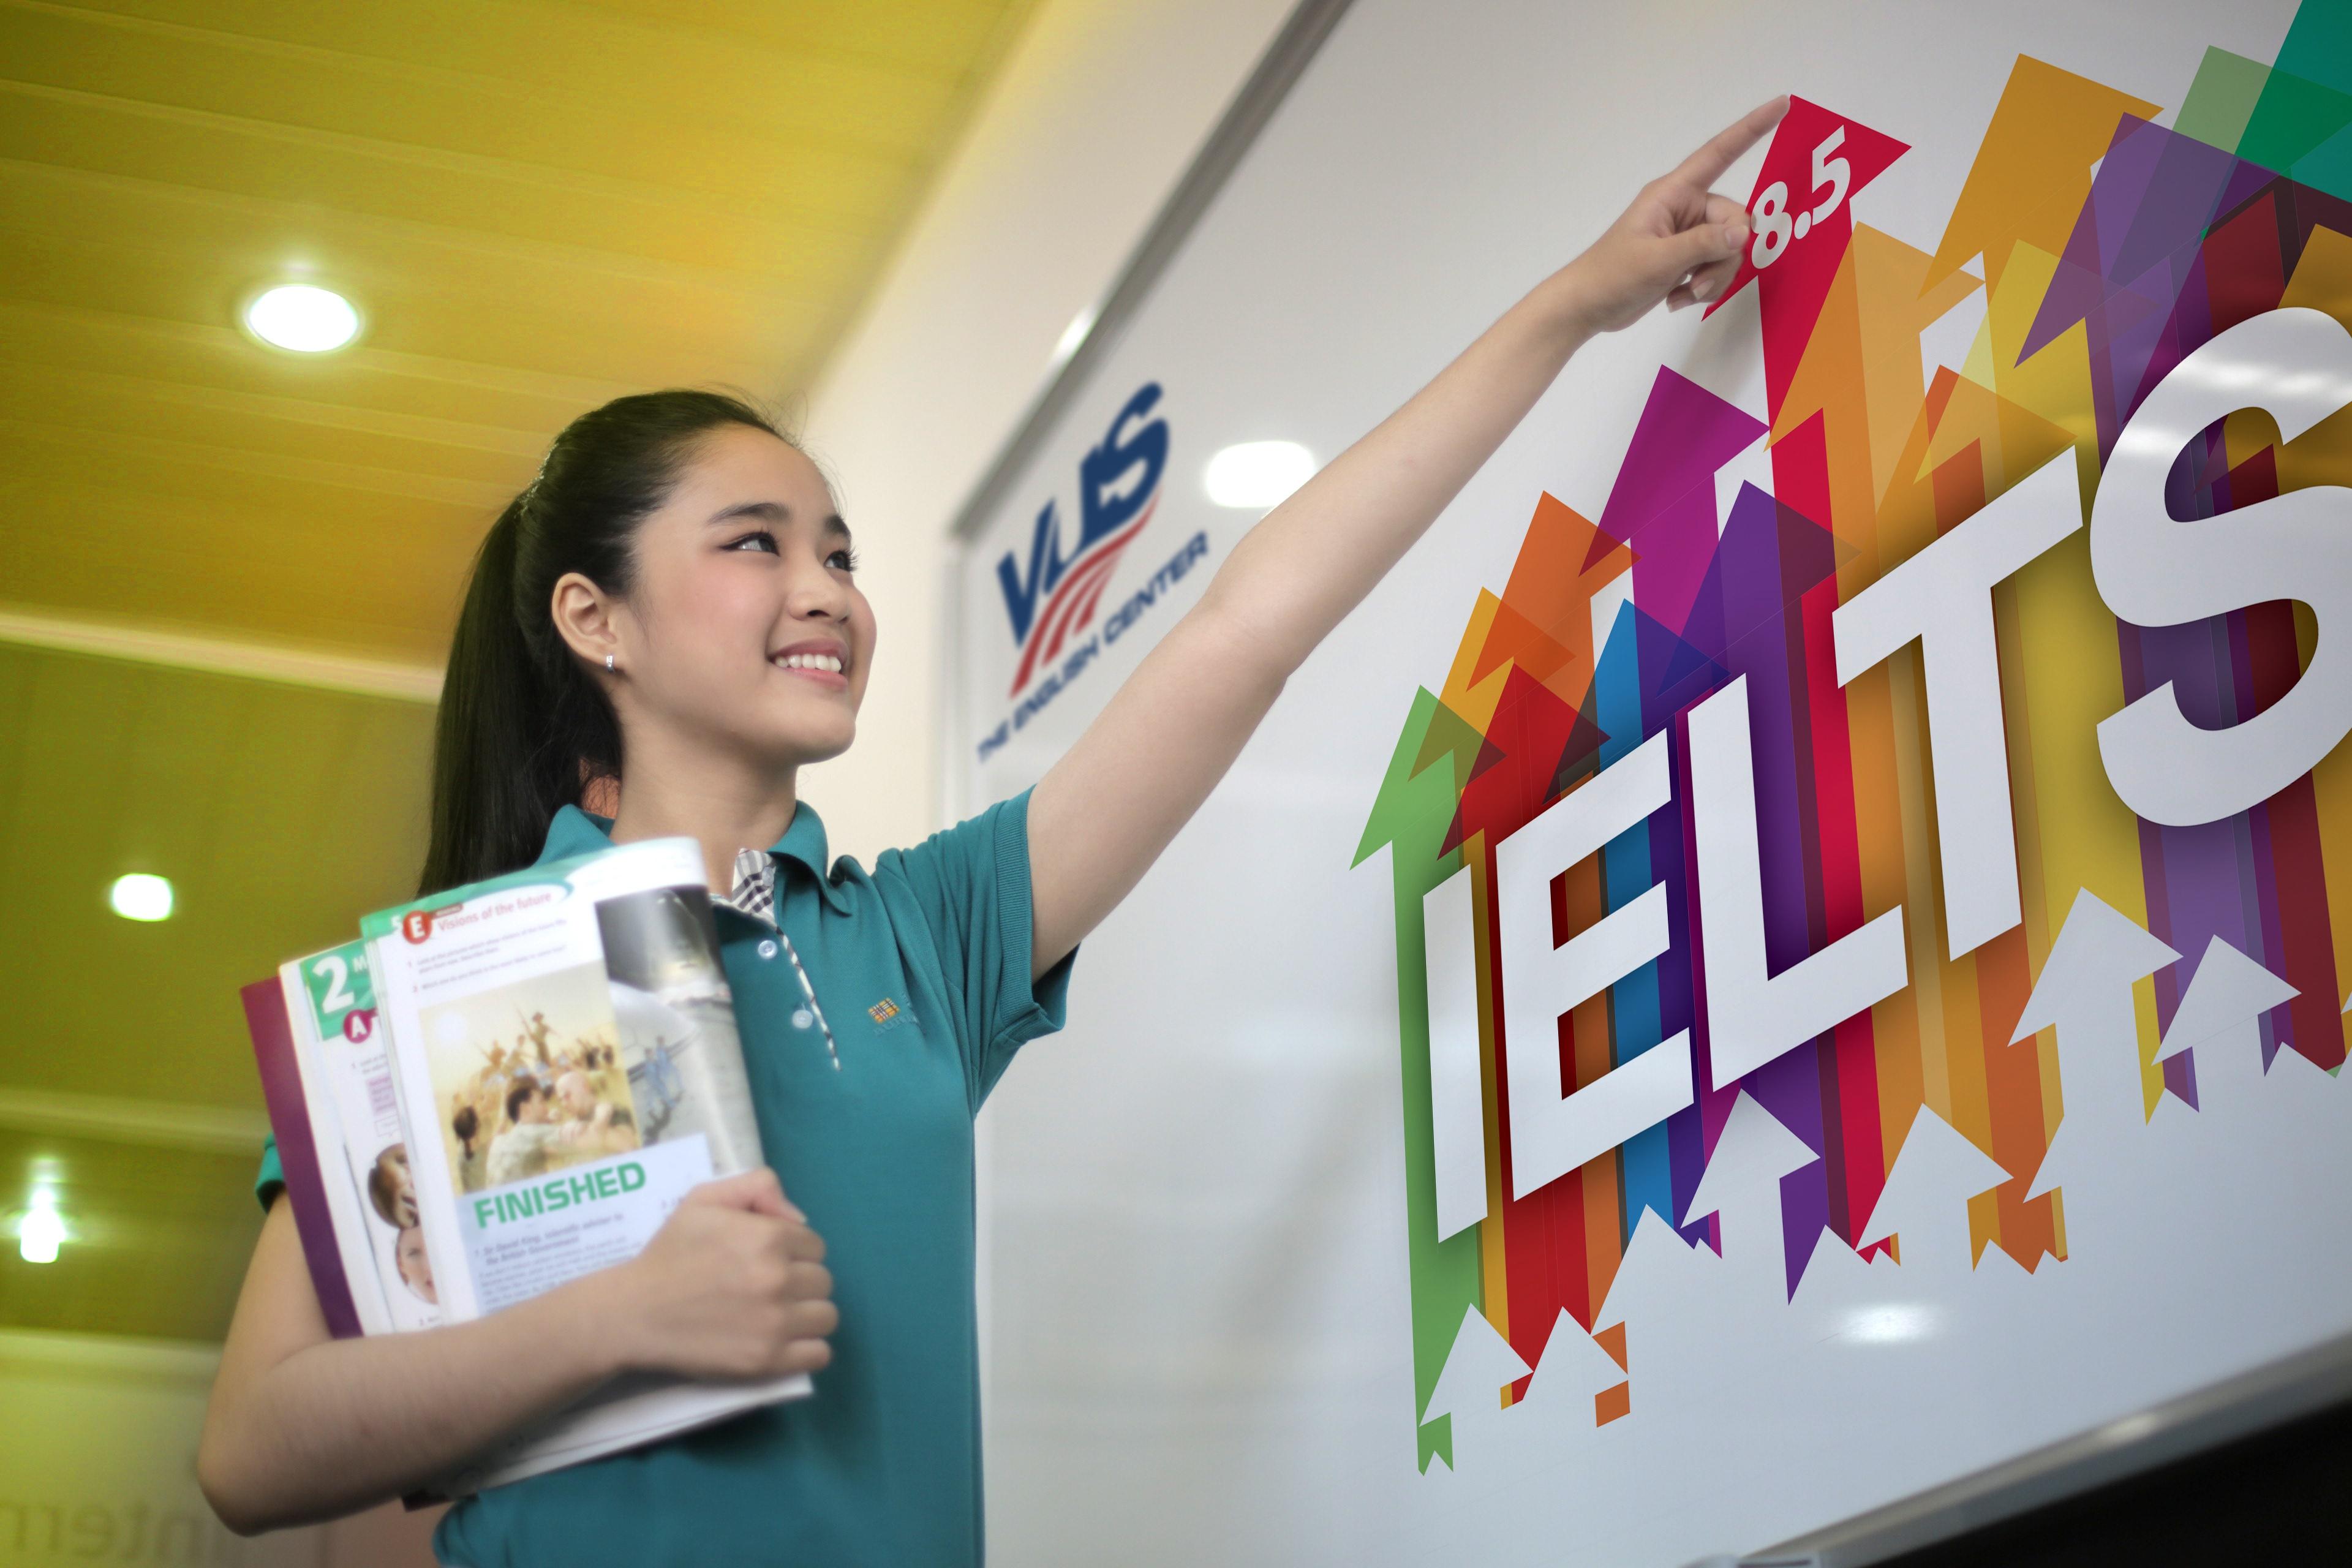 Du học Hàn Quốc bằng tiếng Anh cần có chứng chỉ IELTS